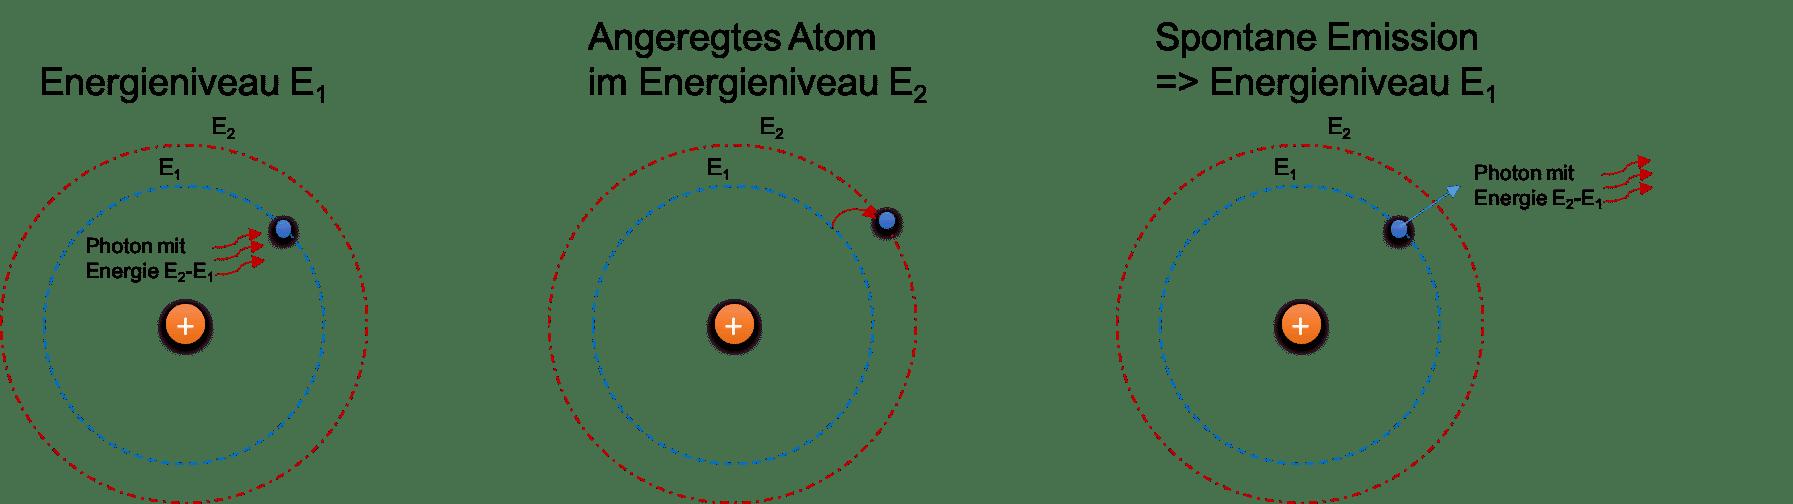 Ein ankommendes Photon mit der richtigen Energie führt zur Anregung eines Atoms. Dieses wechselt kurze Zeit später durch Abgabe des Photons wieder in den energieärmeren Zustand